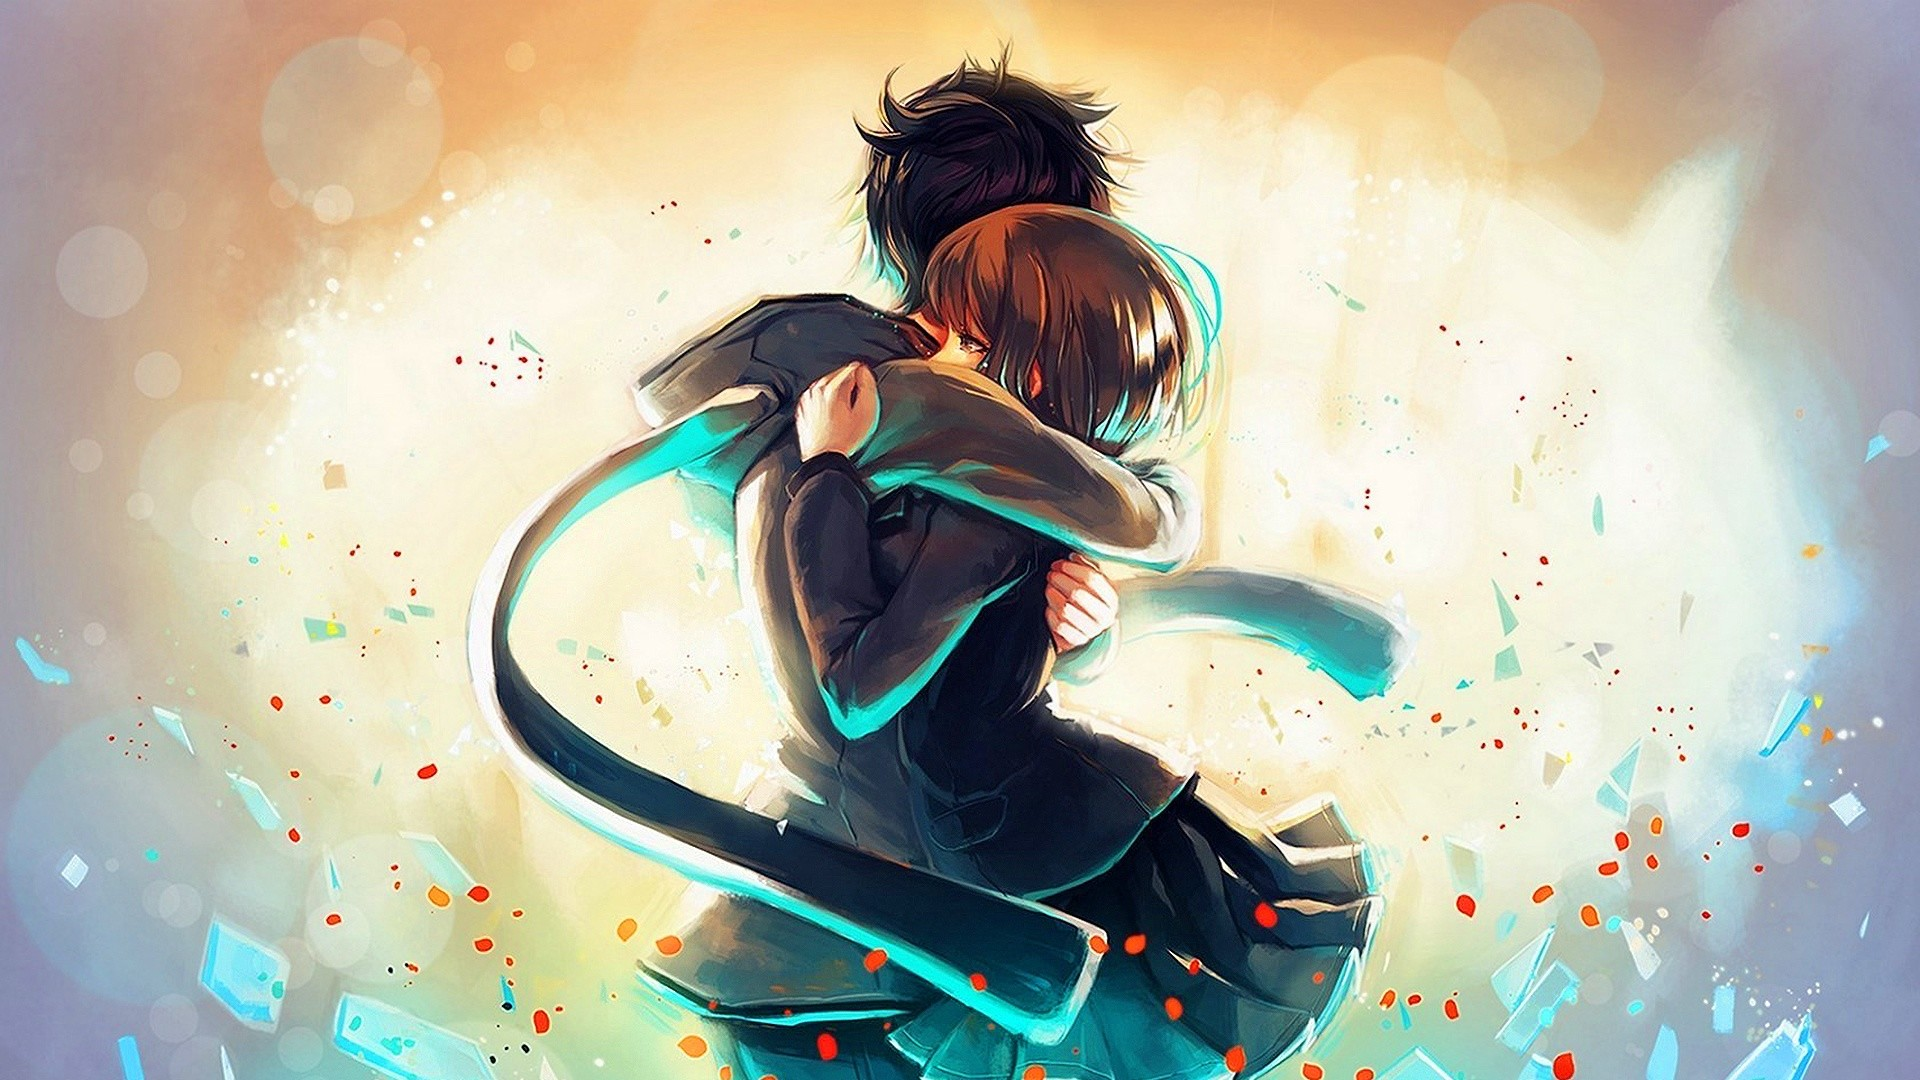 anime hug boy girl wallpaper 1920×1080